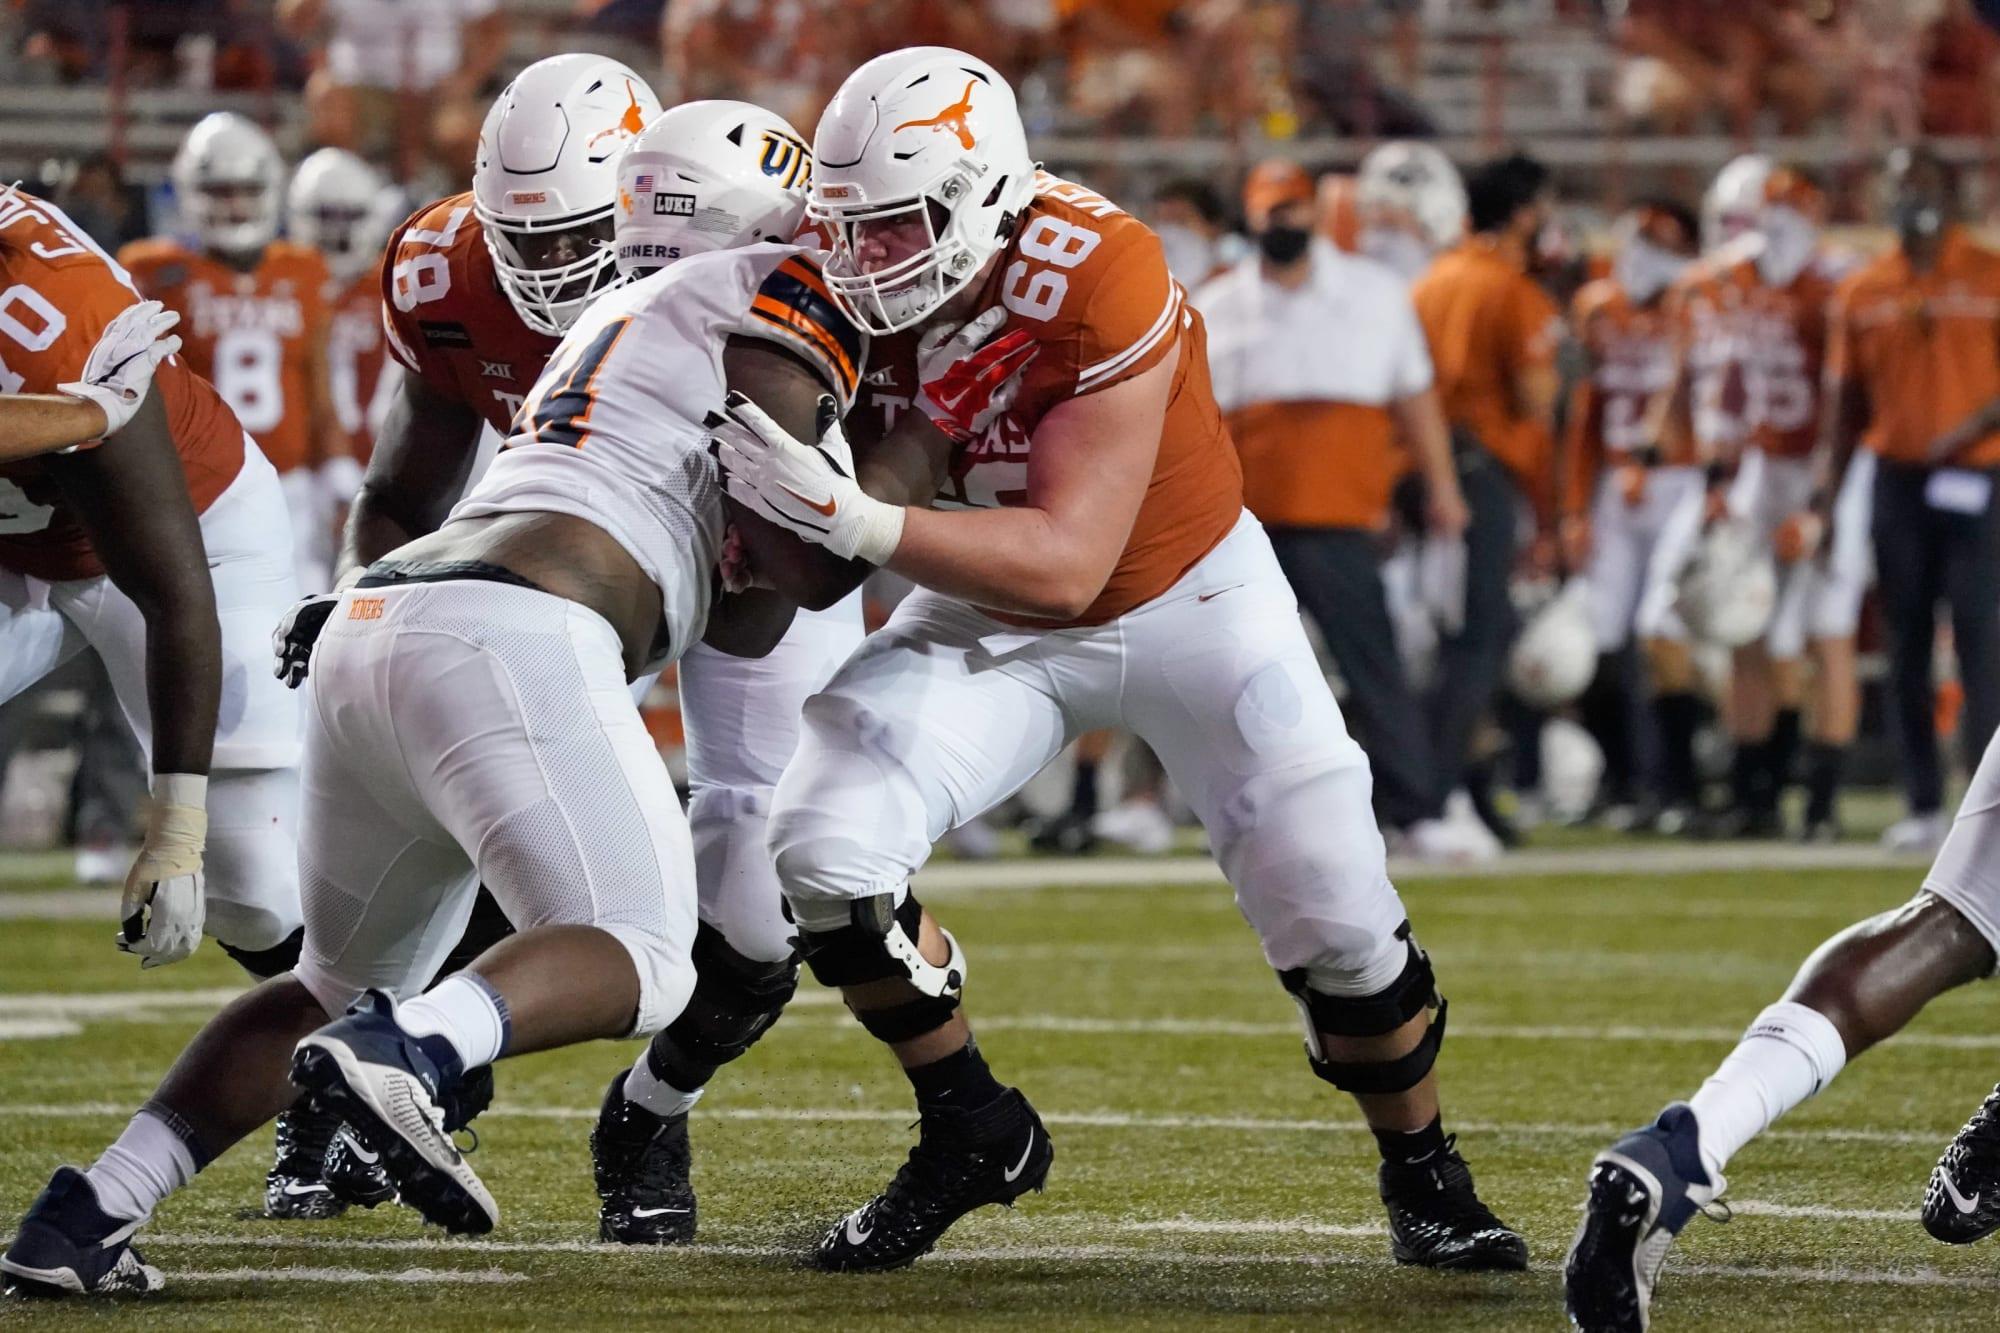 Texas man Derek Kirsteter suffers a devastating leg injury versus Kansas